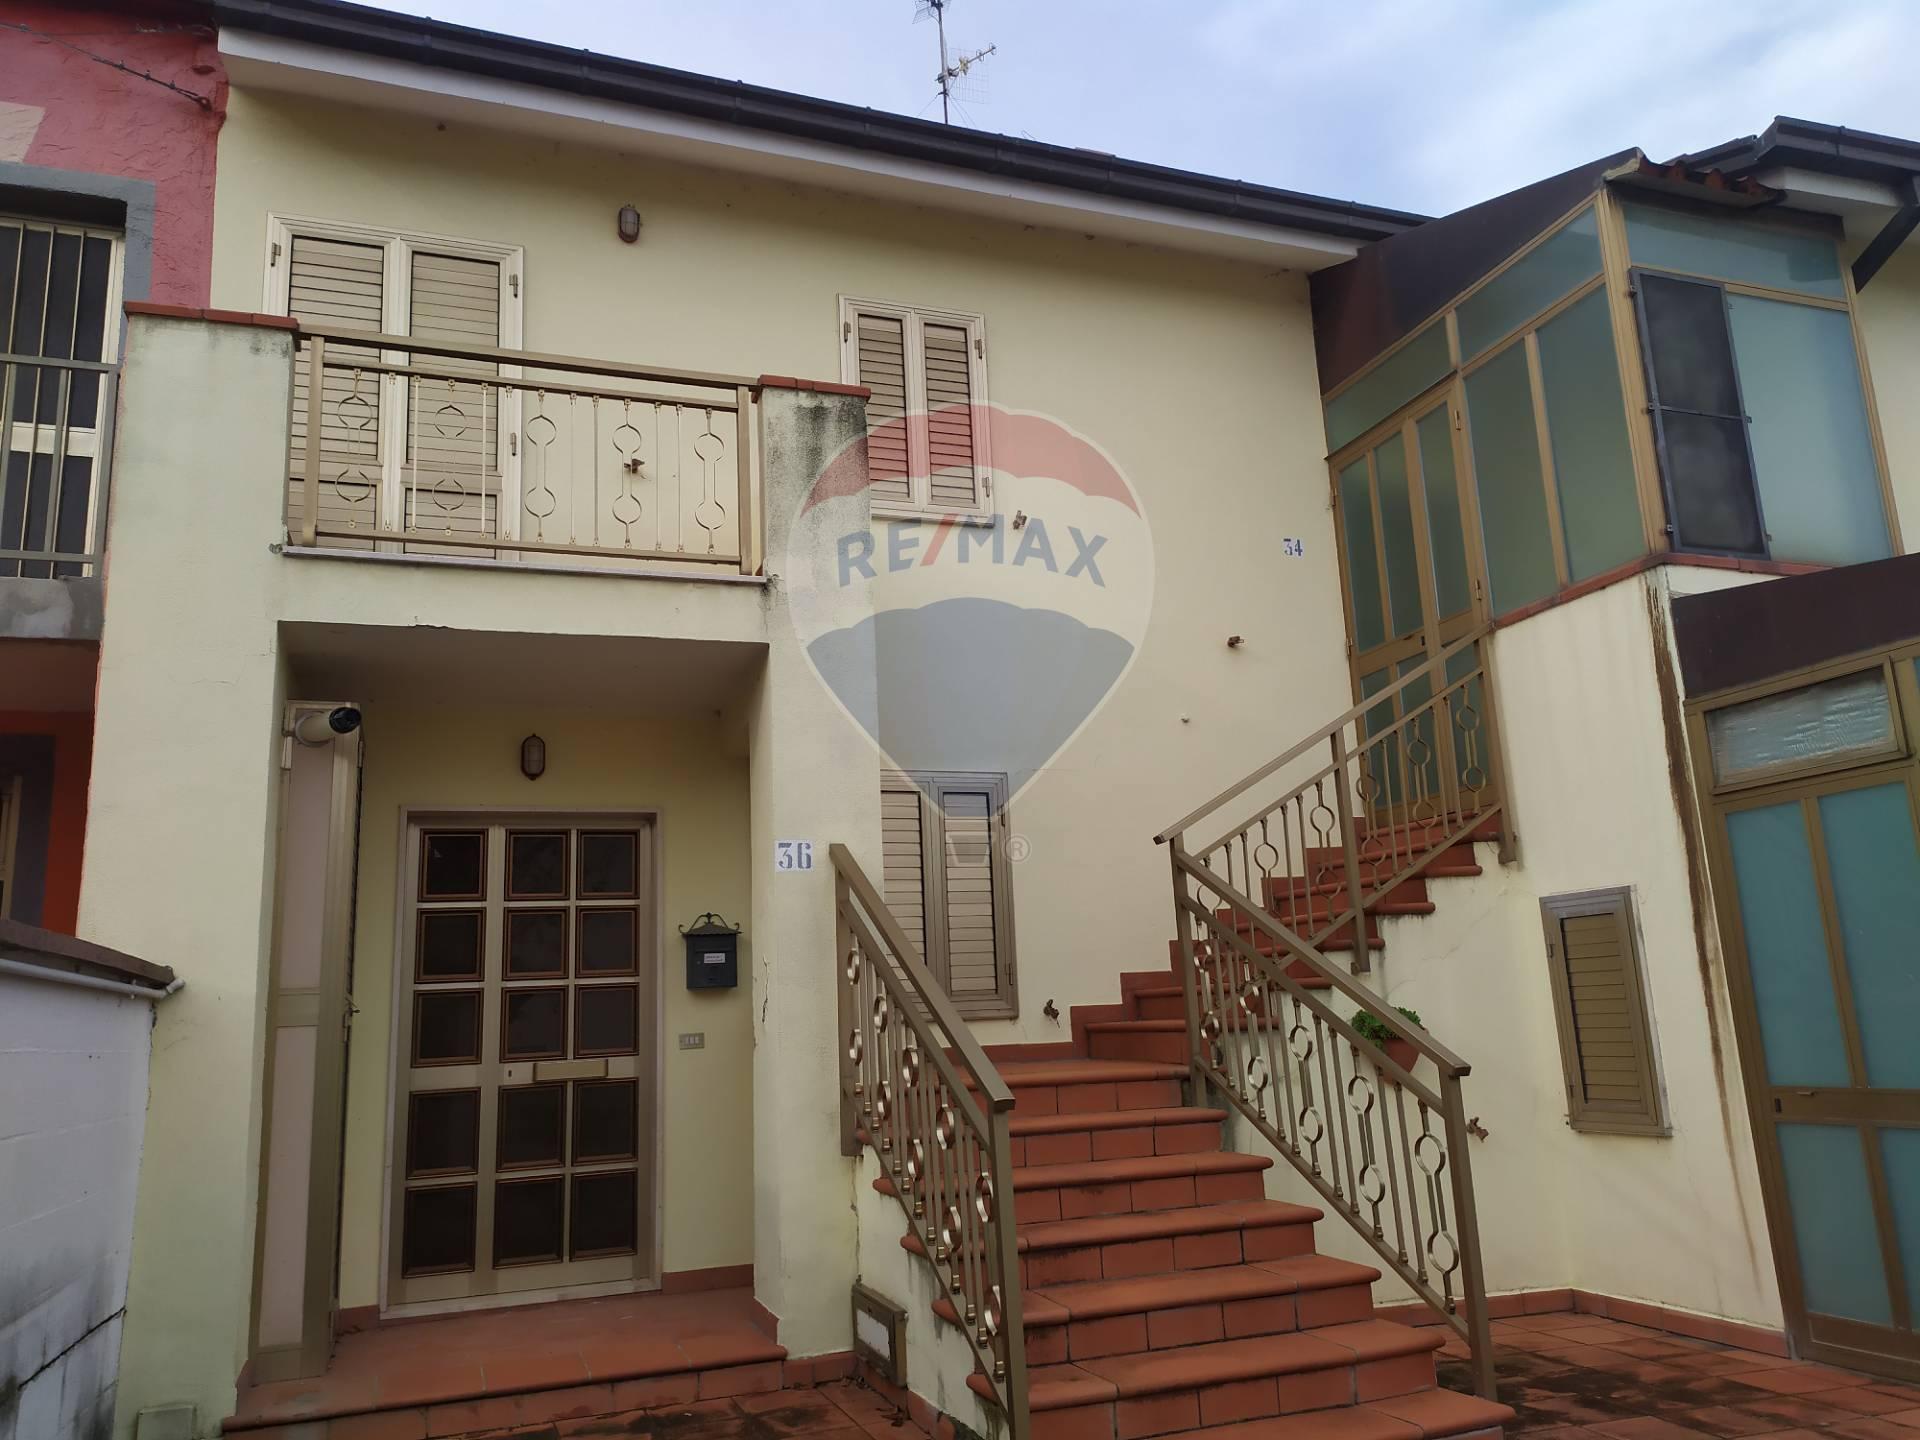 Altro in vendita a Alanno, 3 locali, zona Zona: Prati, prezzo € 27.000 | CambioCasa.it